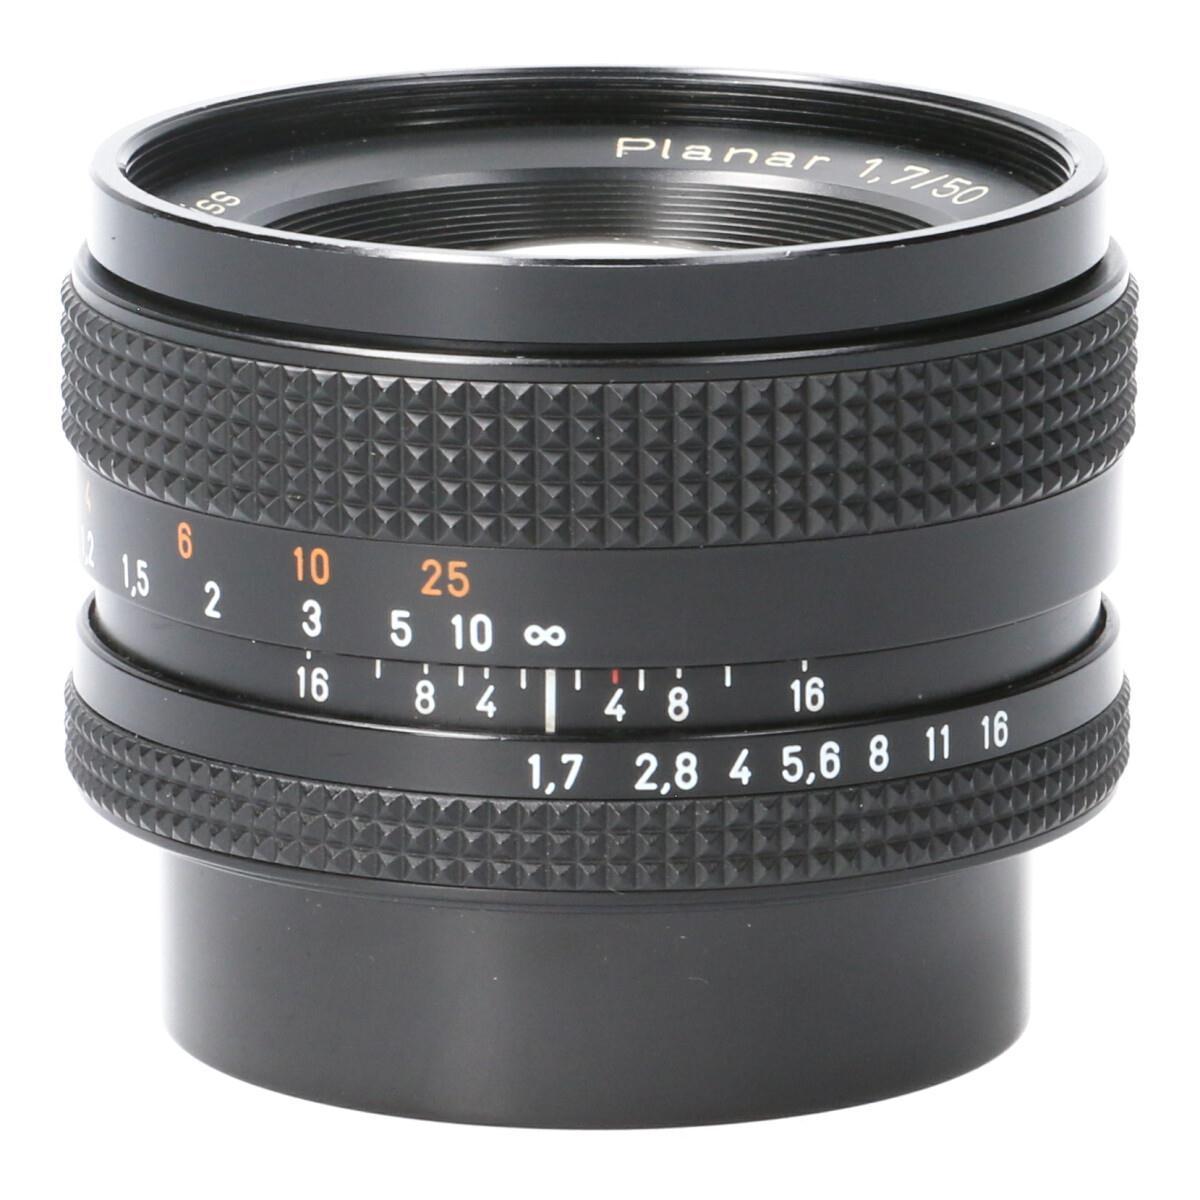 CONTAX PLANAR50mm F1.7AE(J)【中古】